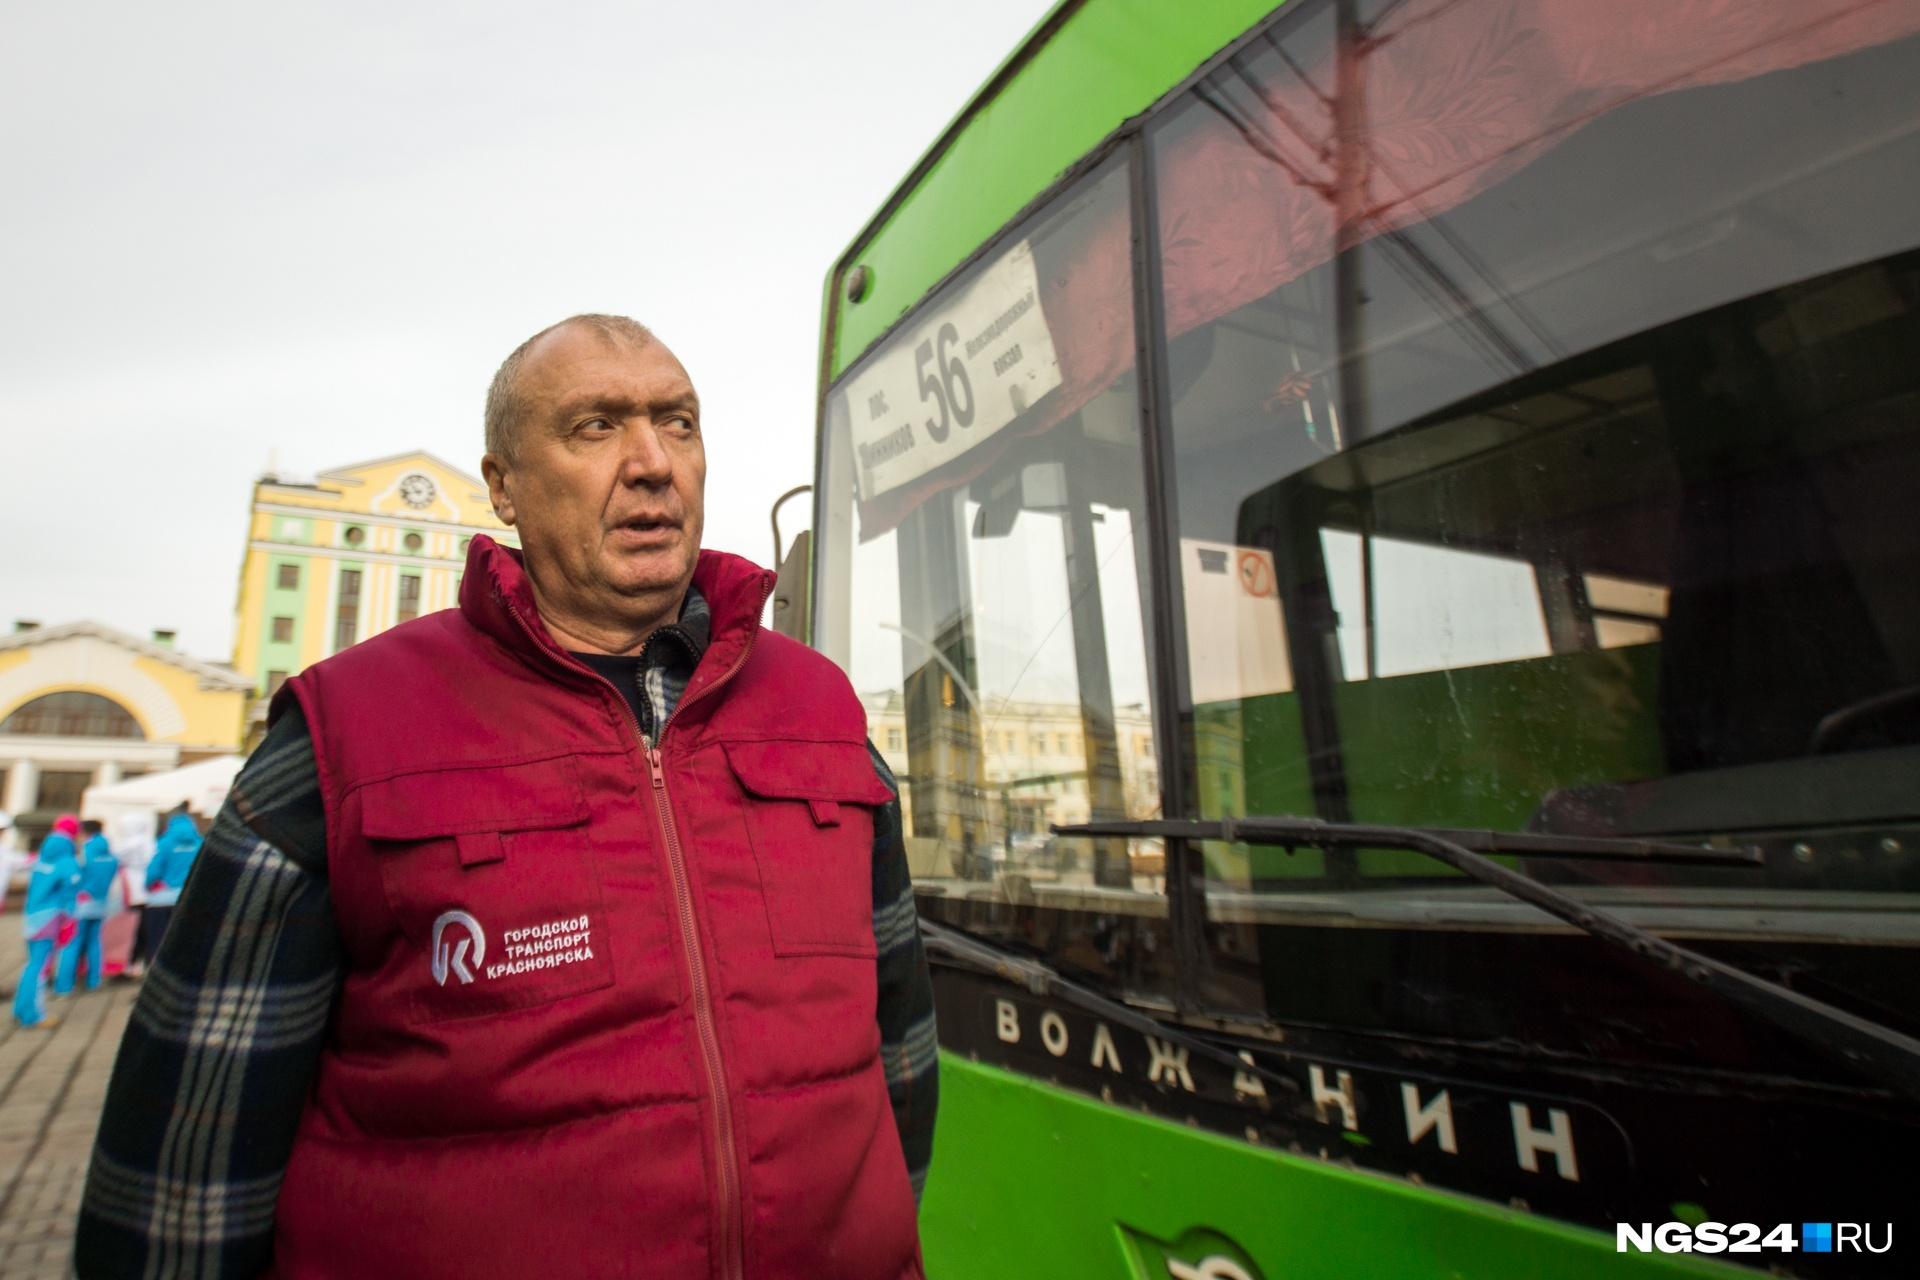 Красноярец Евгений работает водителем муниципального автобуса больше 10 лет